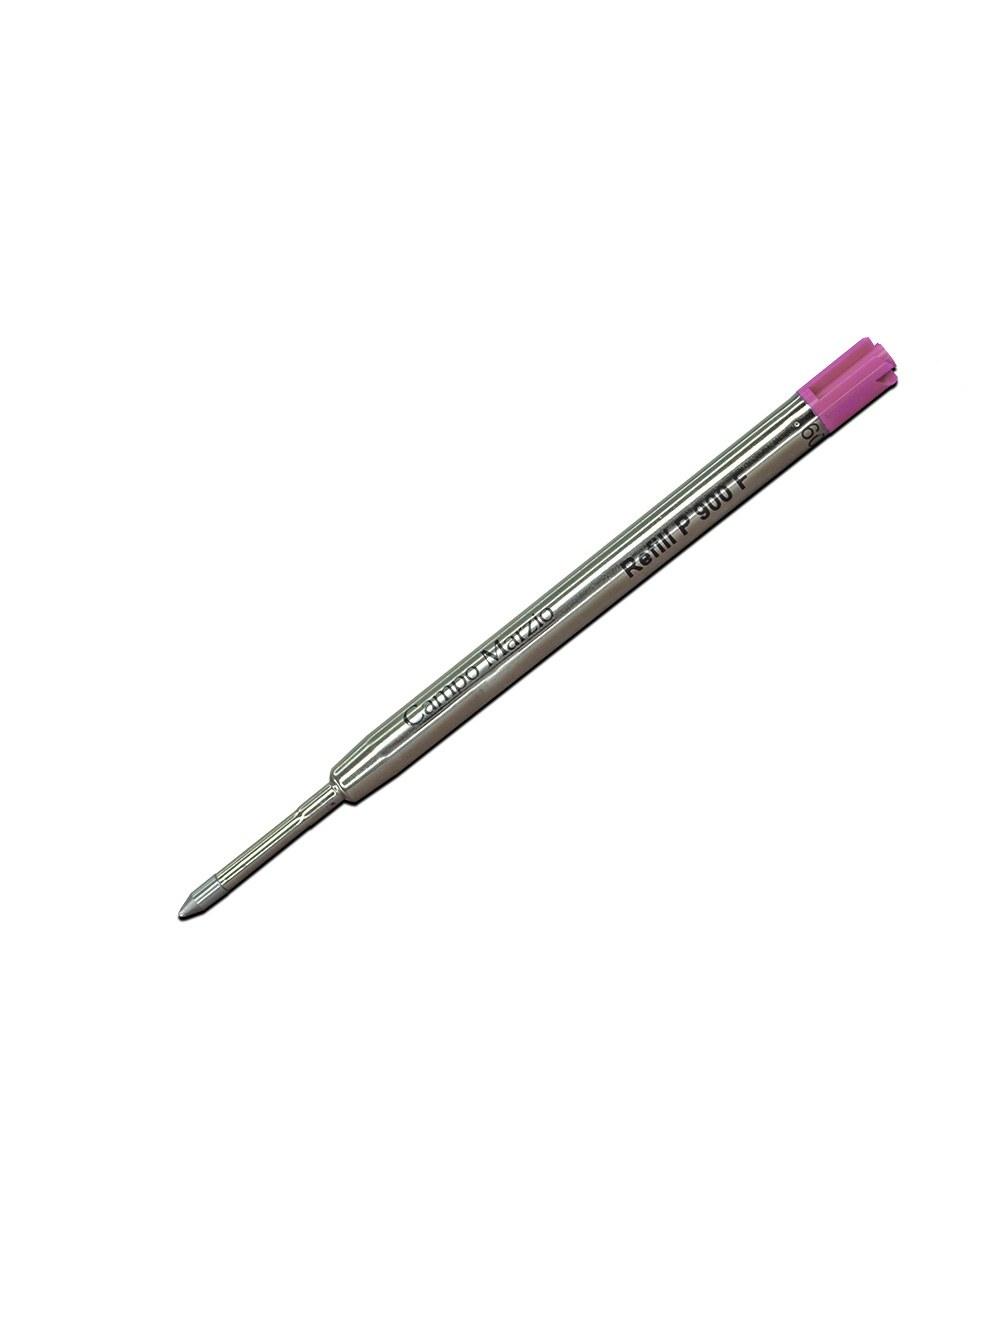 Refill Ballpoint 1.0 - Pink